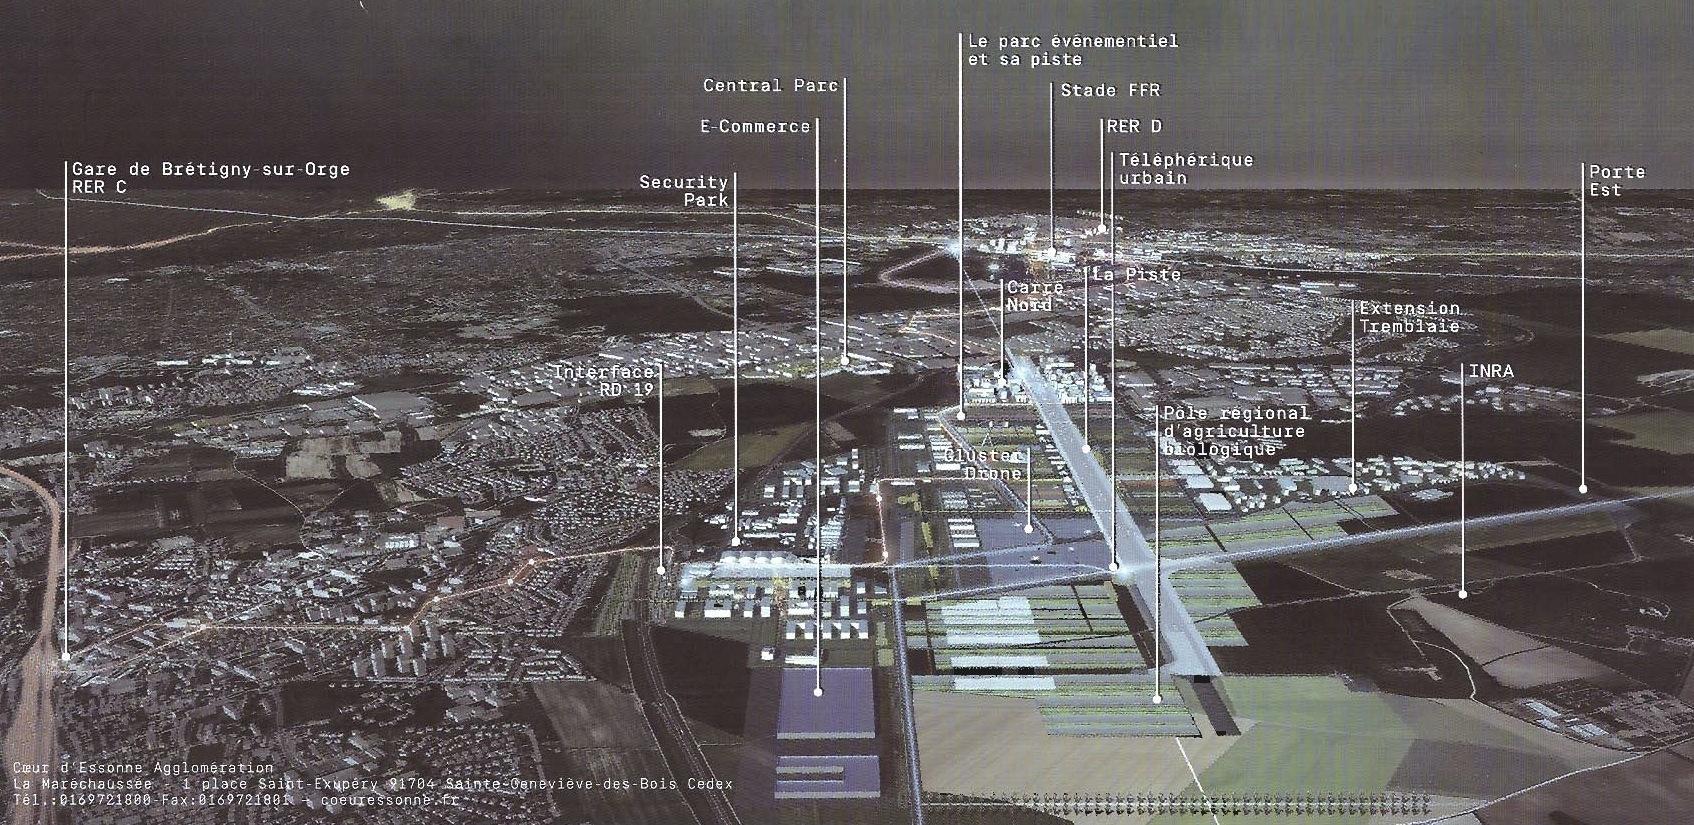 Juin 2016 portes de l 39 essonne environnement - Communaute d agglomeration des portes de l essonne ...